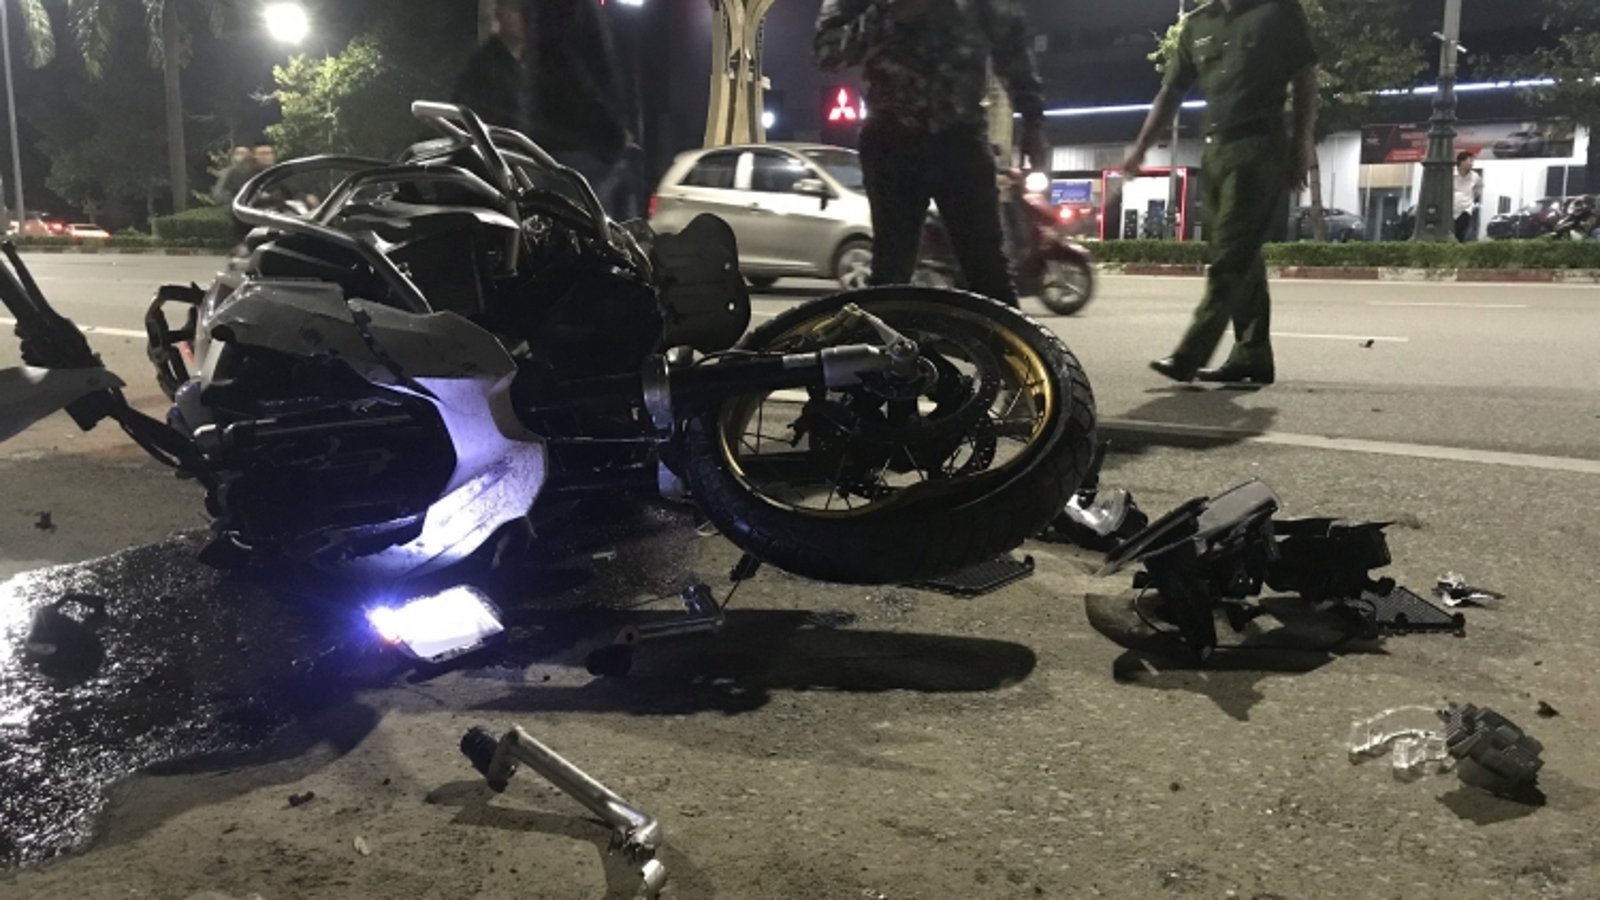 Siêu mô tô BMW va chạm với xe máy, 3 người thương vong